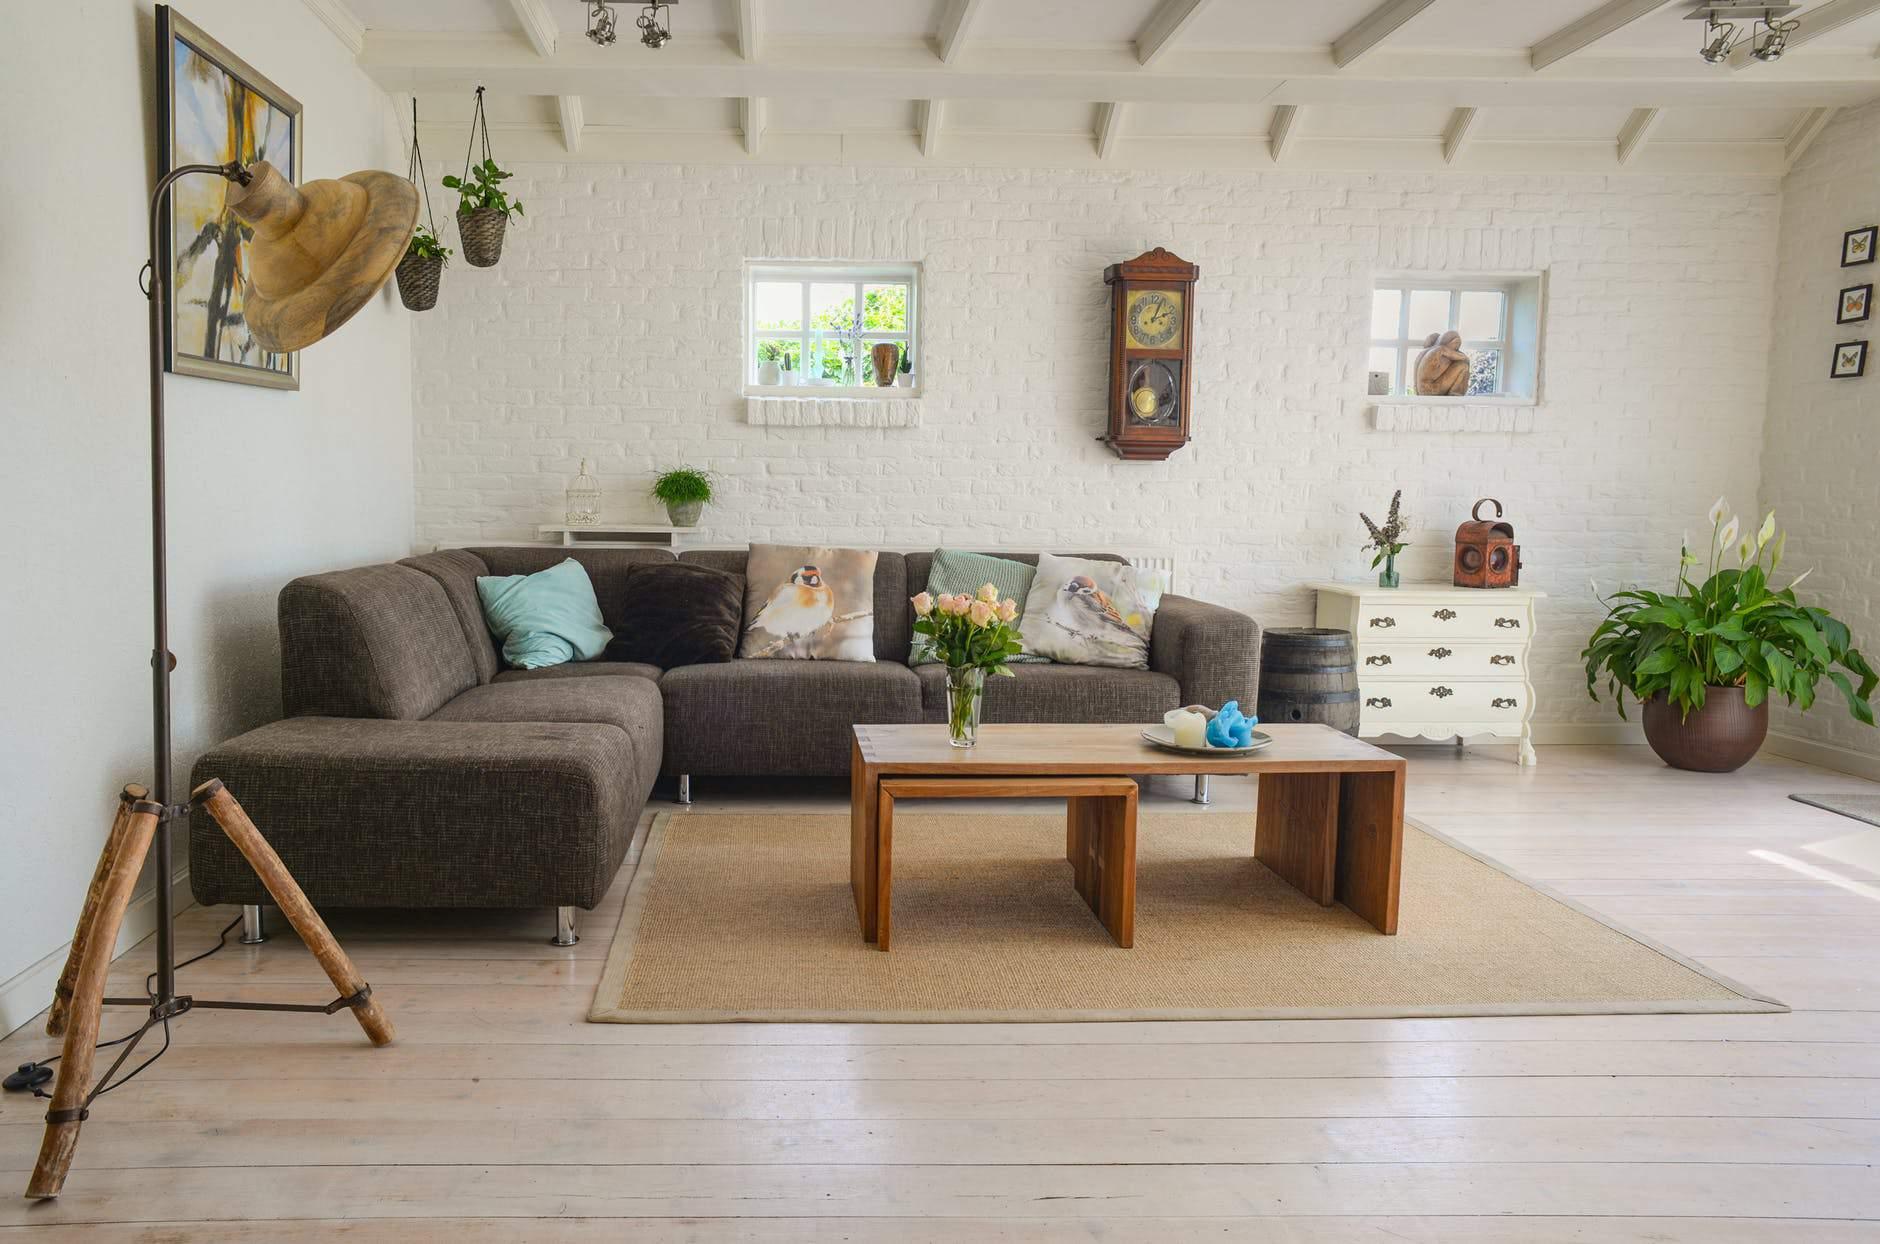 thiết kế phòng khách nhỏ đơn giản